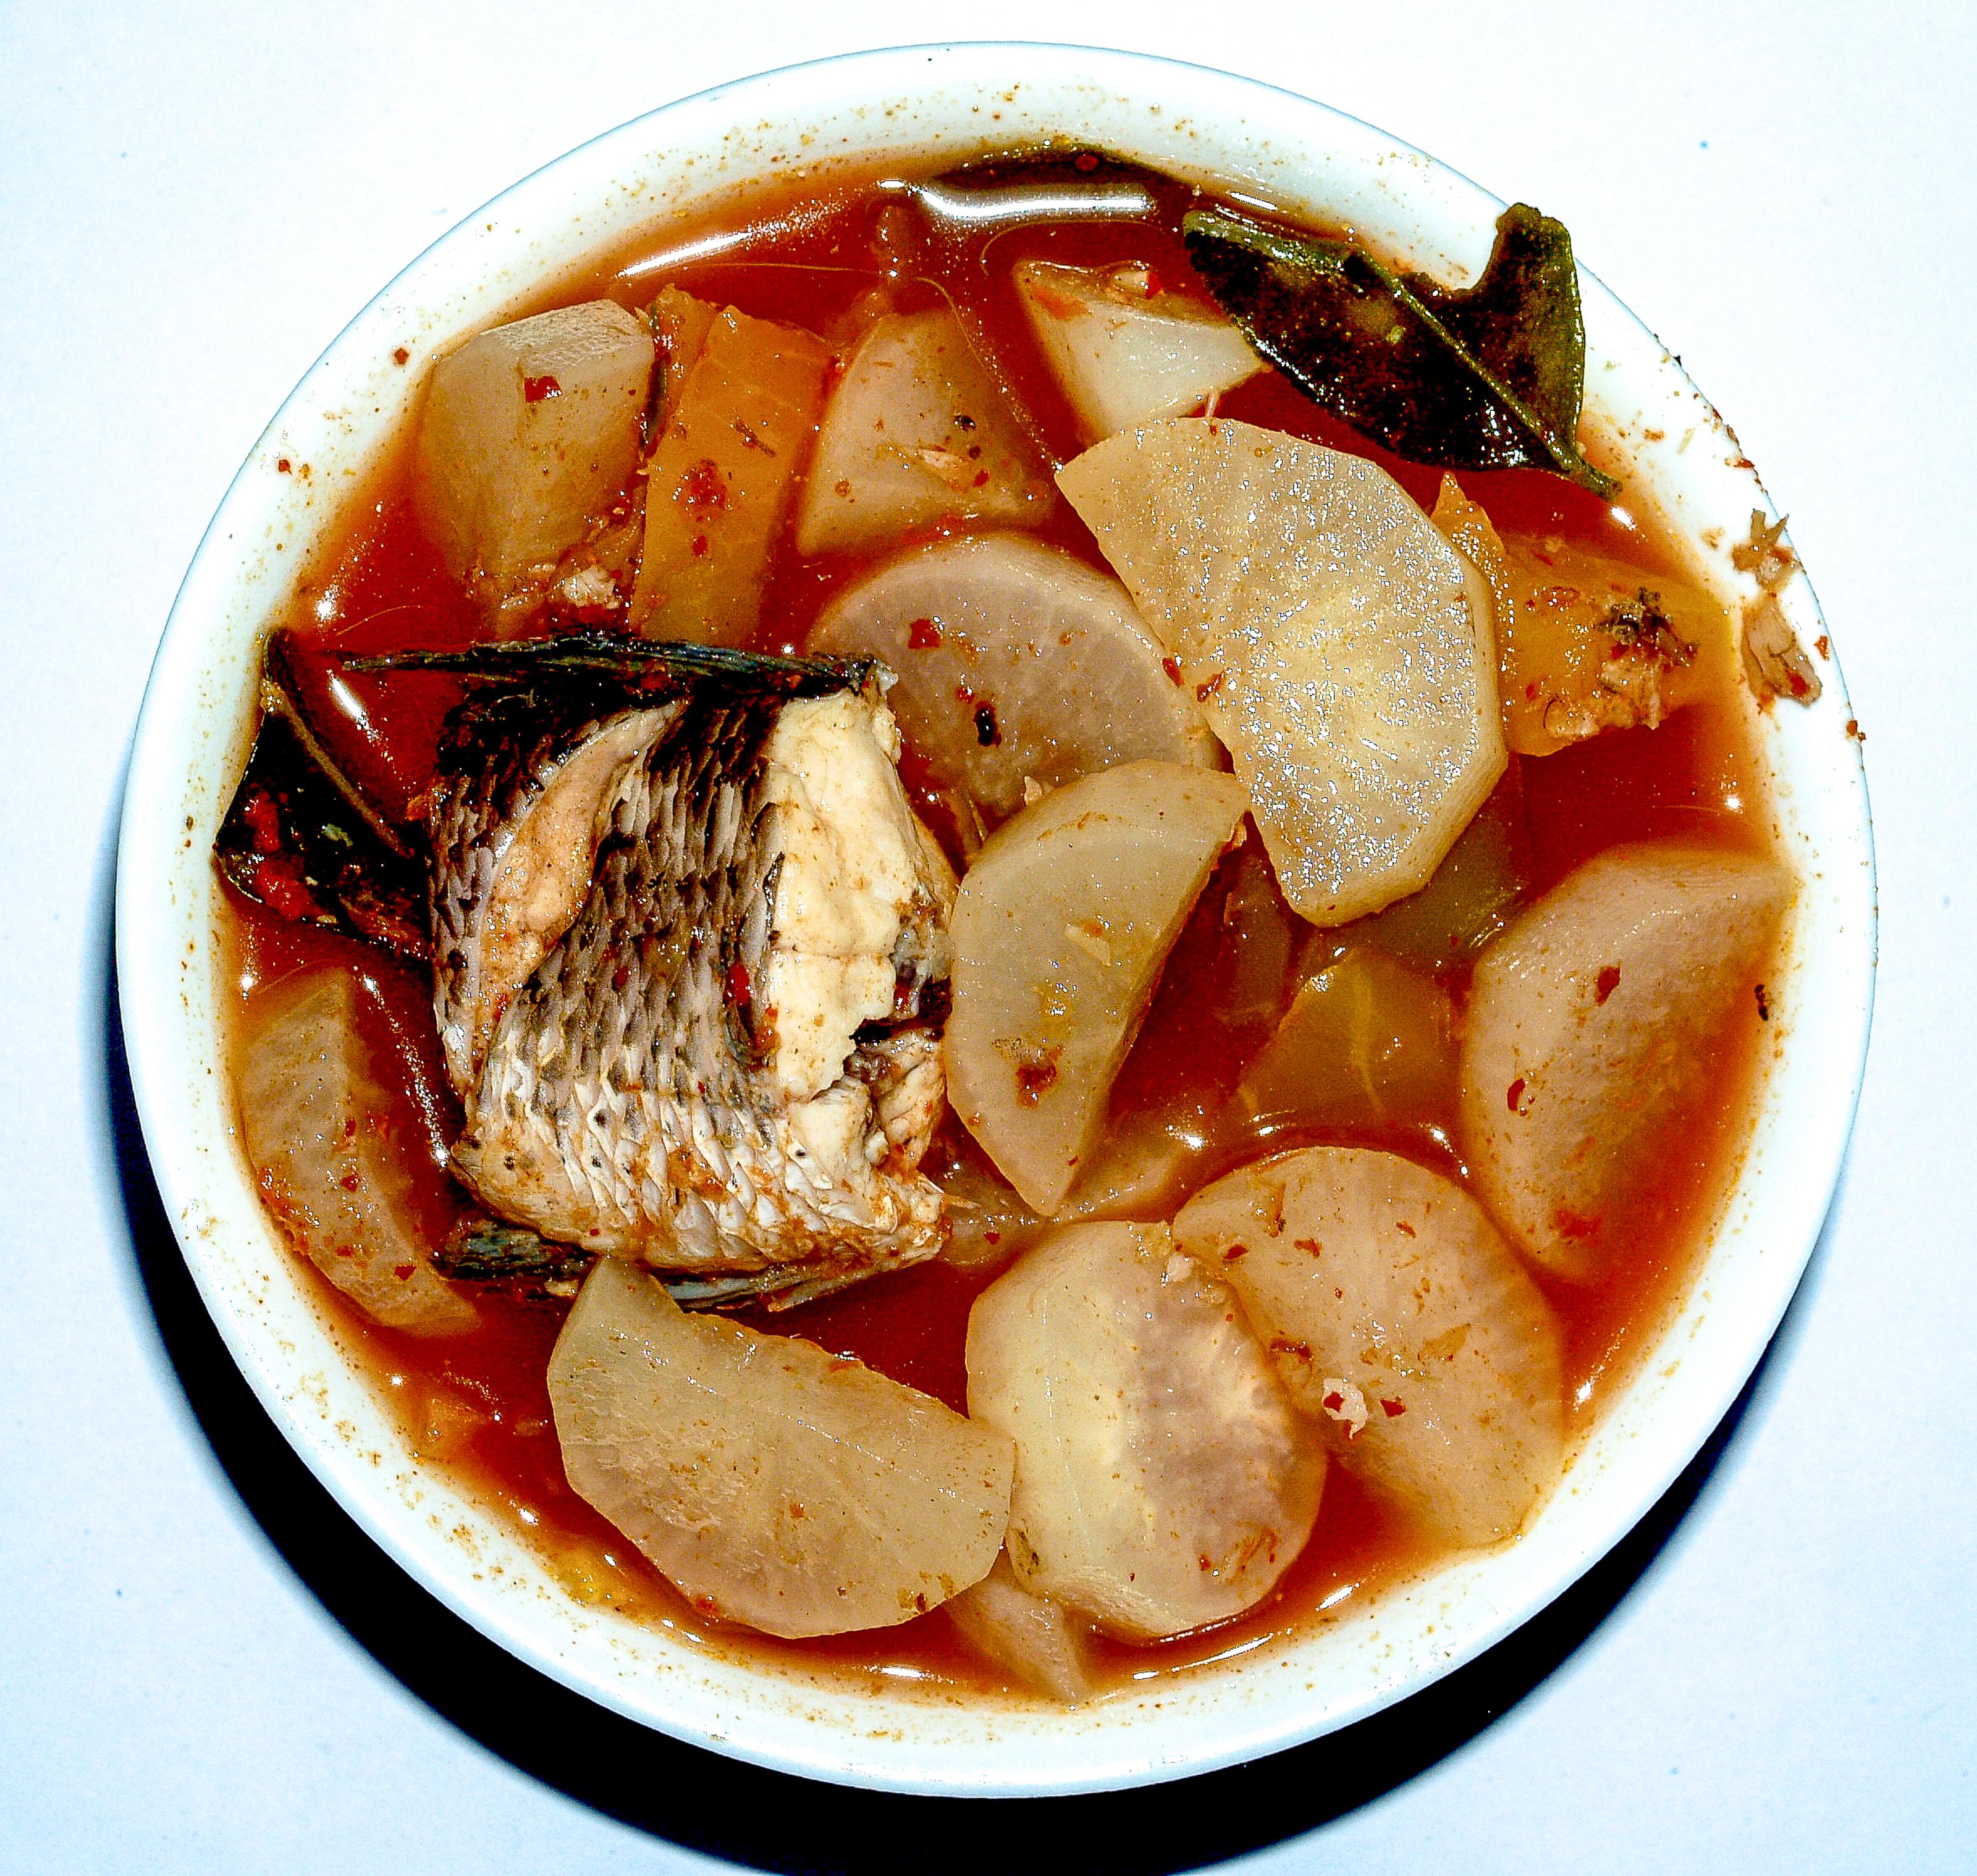 Картинки: суп, обед, еда, пластина, пища, тайский, ужин, рыба.